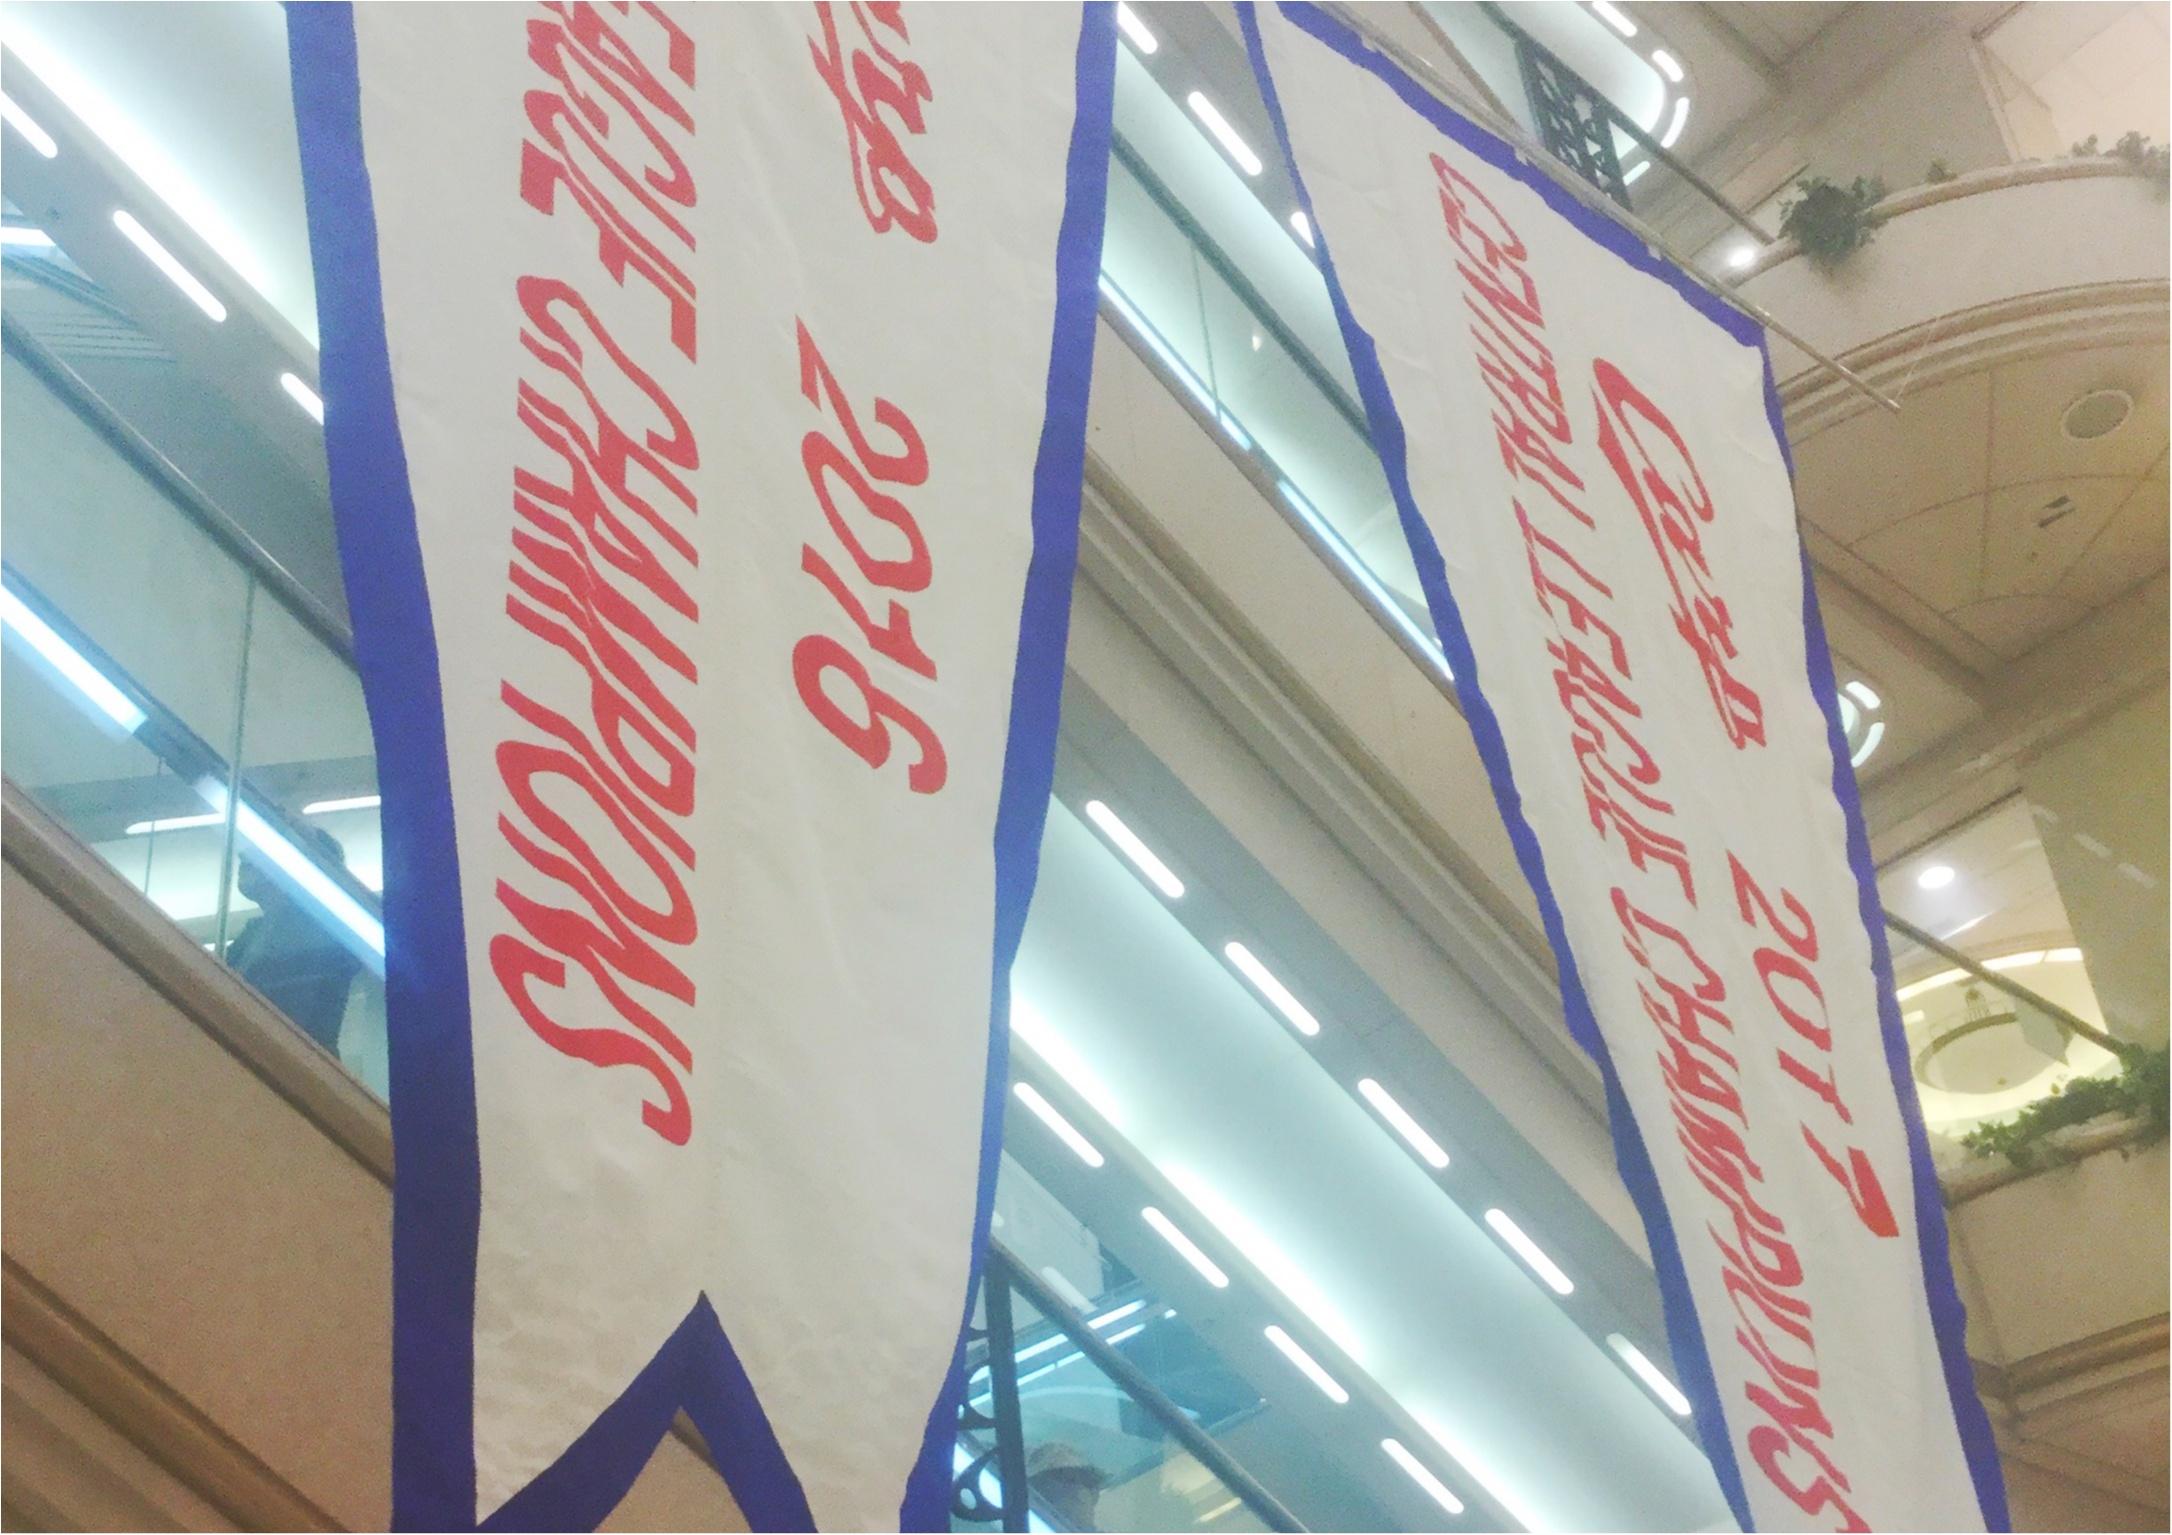 【カープ女子必見】37年ぶりに連覇!カープに授与された《ティファニー製》のトロフィーと優勝ペナントの実物が10/23まで見れます❤️_2